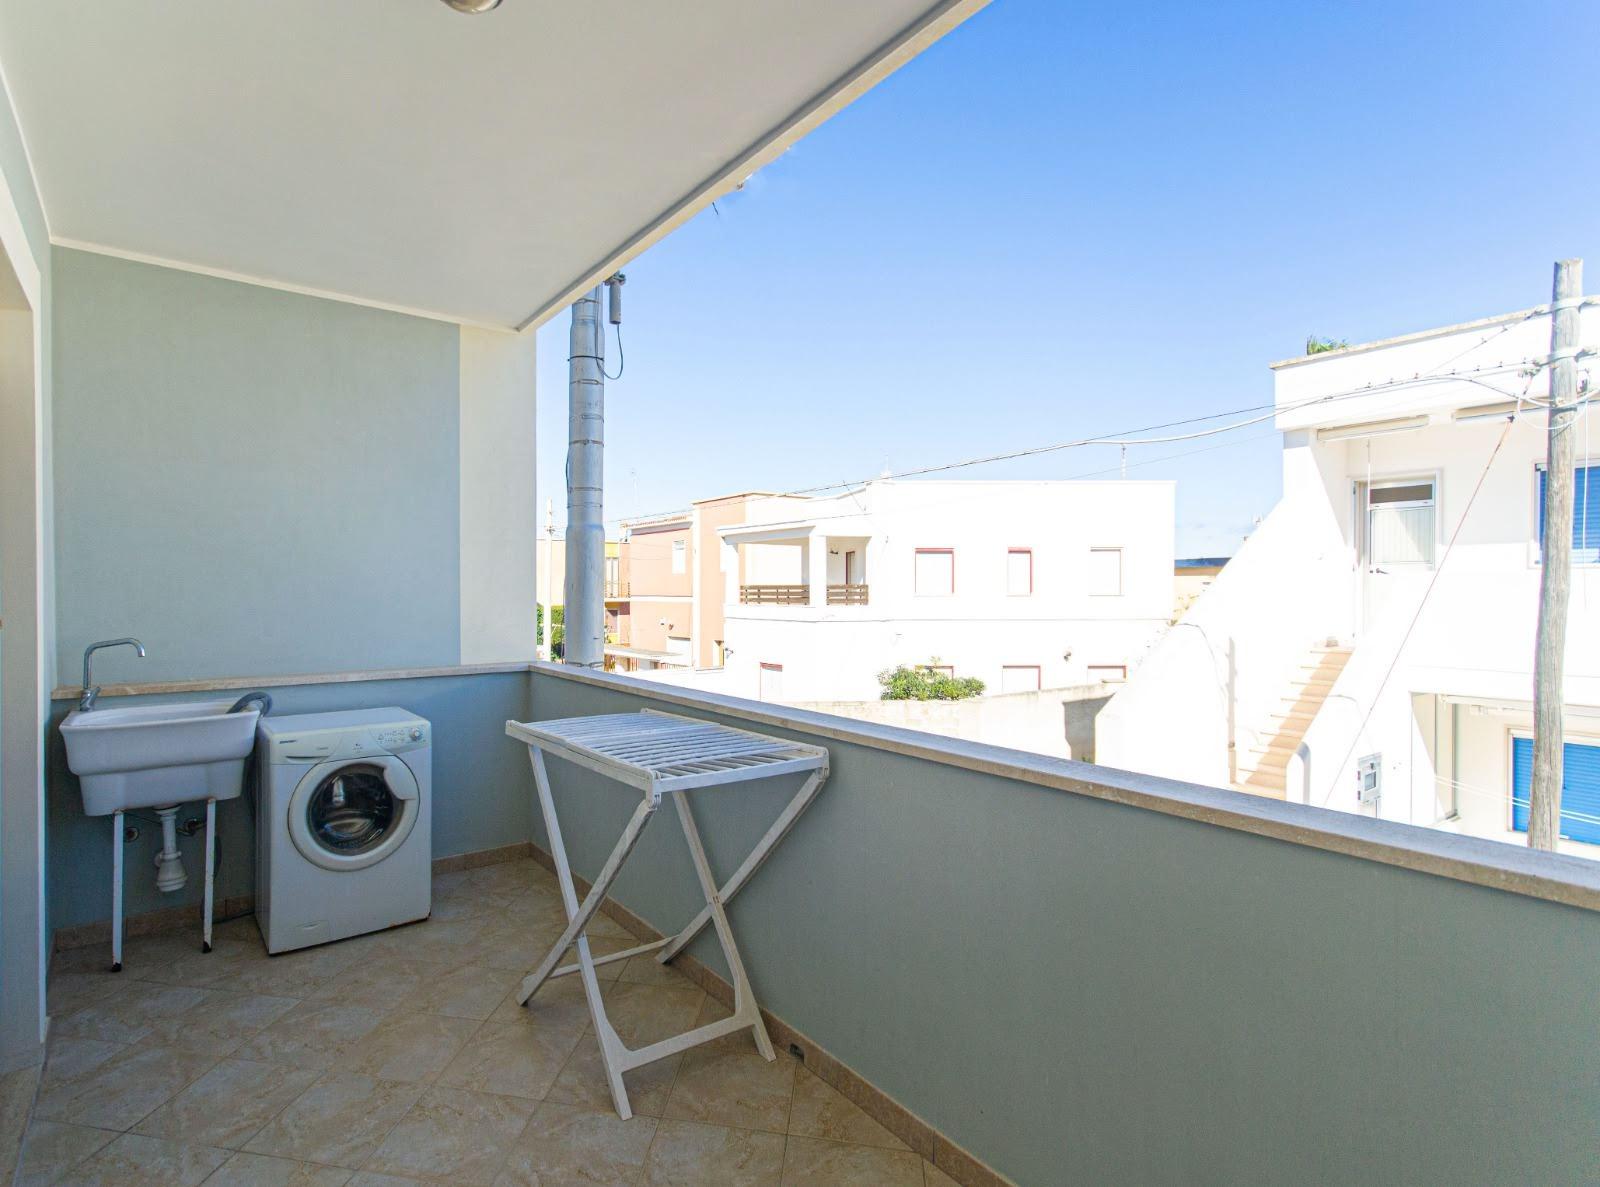 512_appartamento-volta-primo-piano_16._balcone_con_lavatrice.jpg